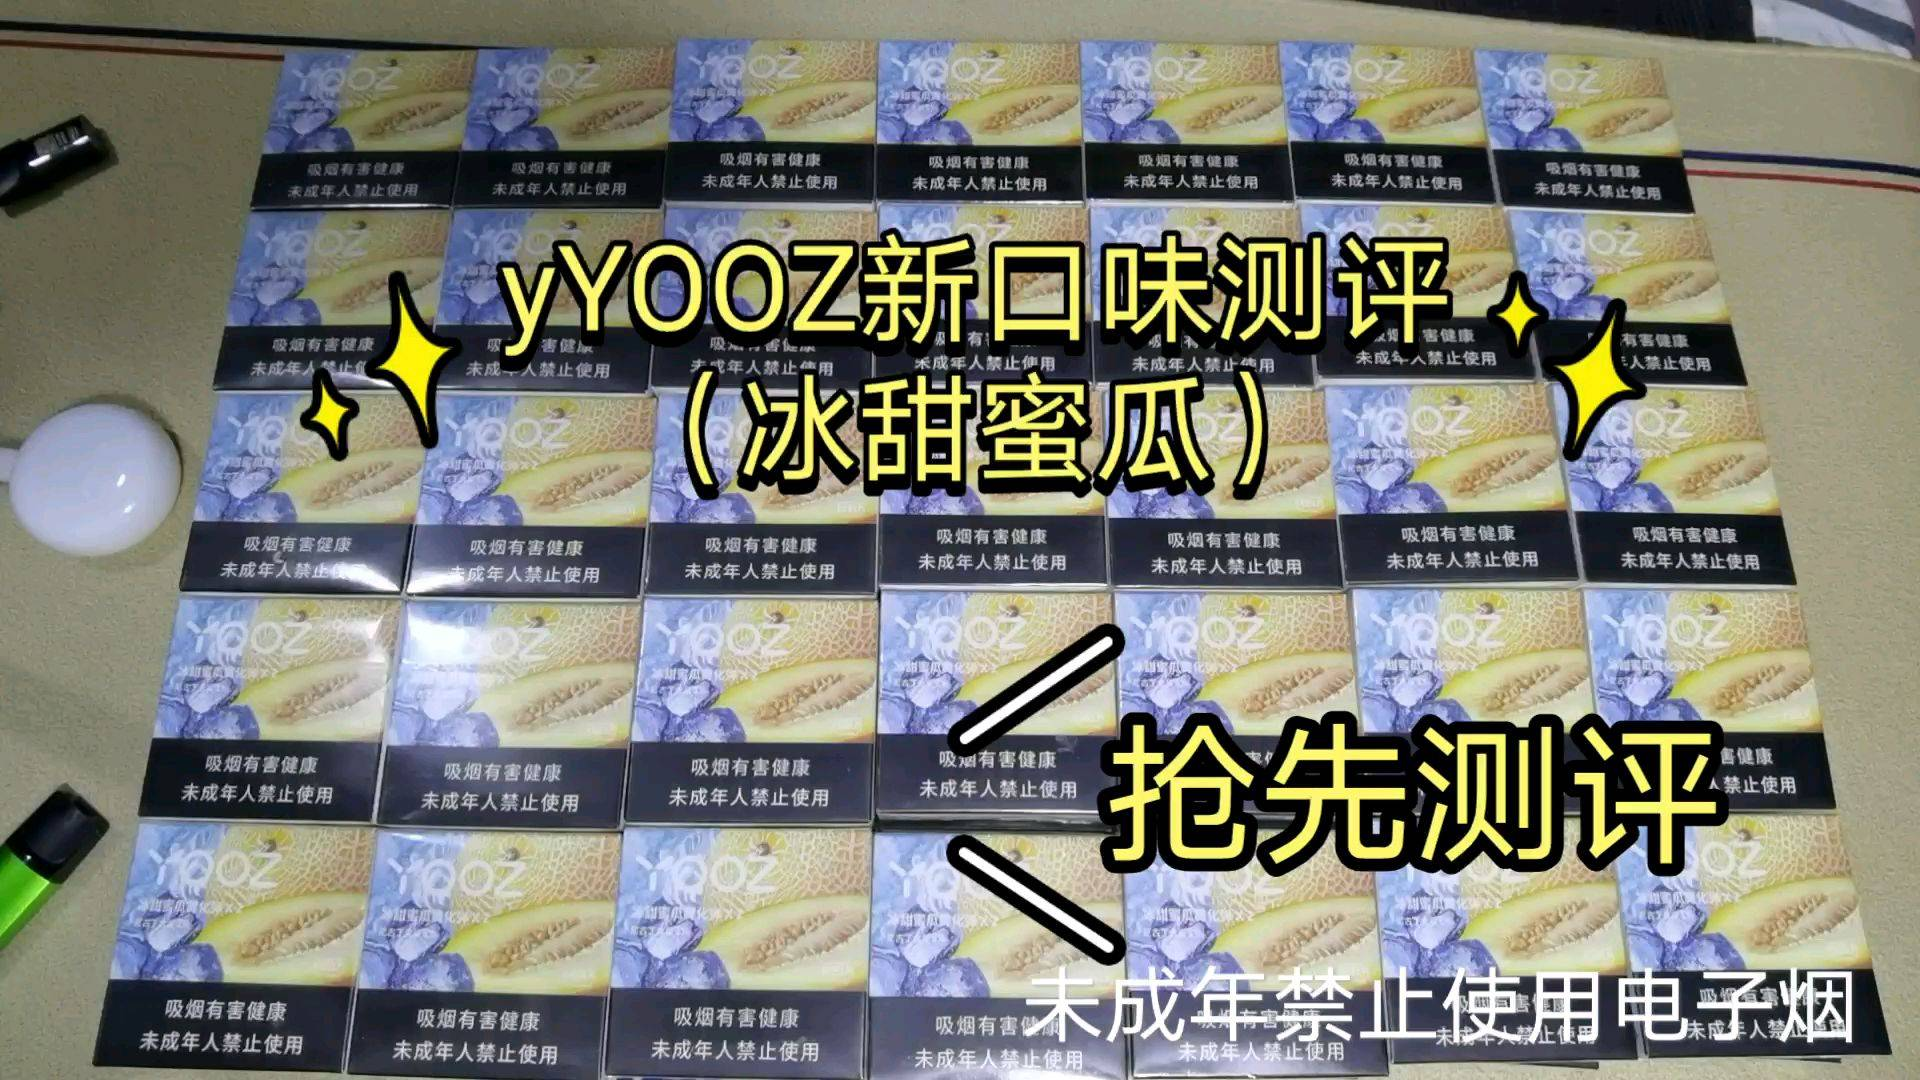 YOOZ新口味测评「冰甜蜜瓜」重磅来袭果香四溢,冰凉入喉,香甜与冰感的完美融合~全新的味觉盛宴